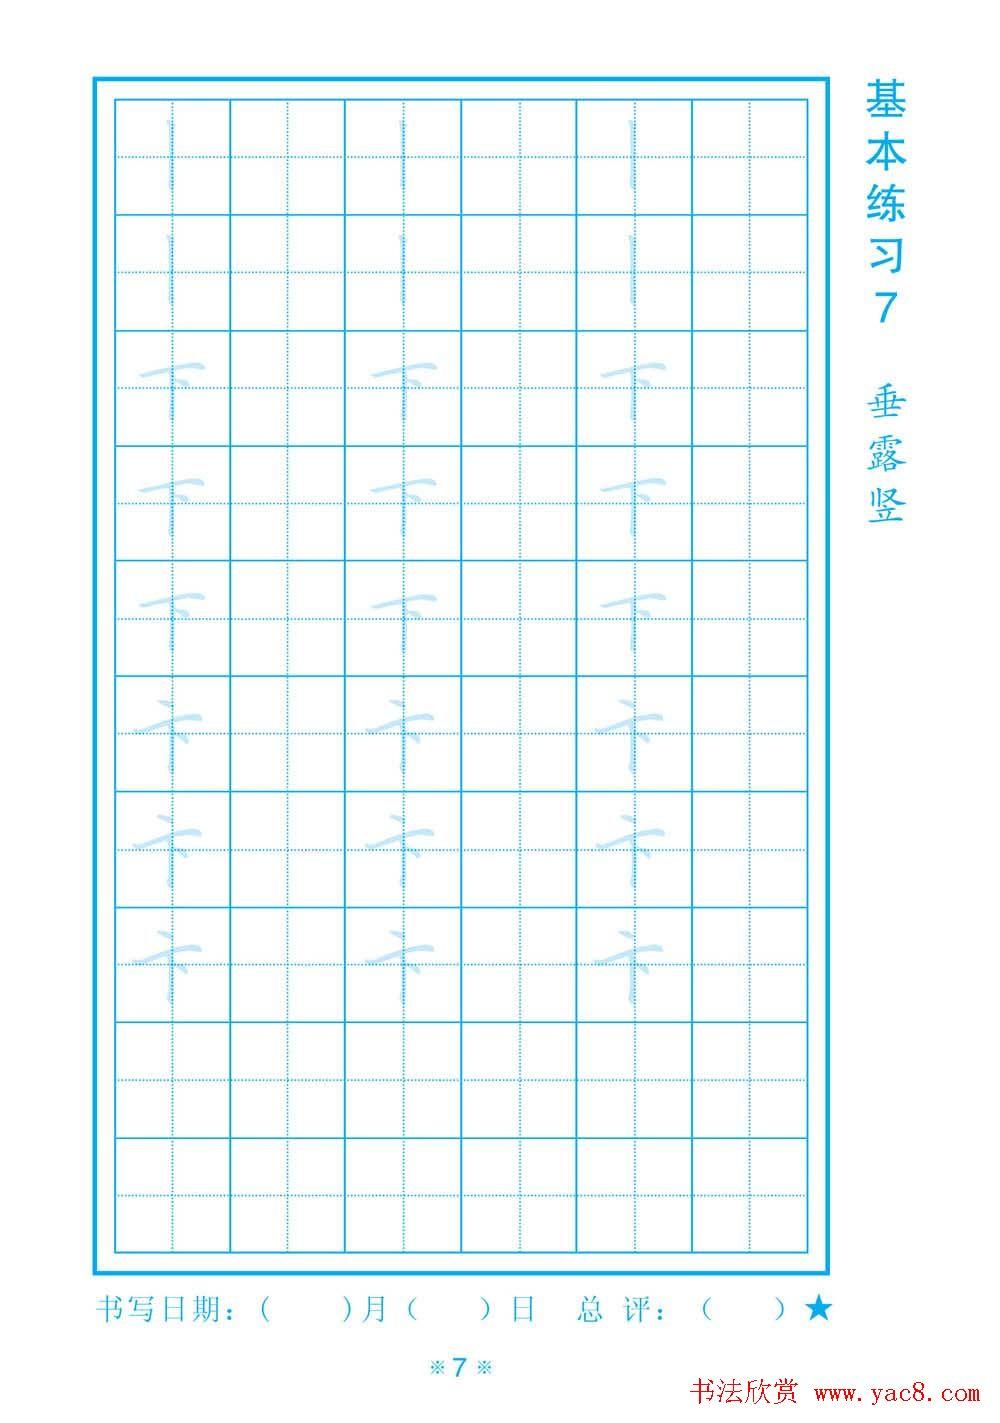 小学生规范汉字练习书写年级(9)小学字帖第一单元语文二上册图片